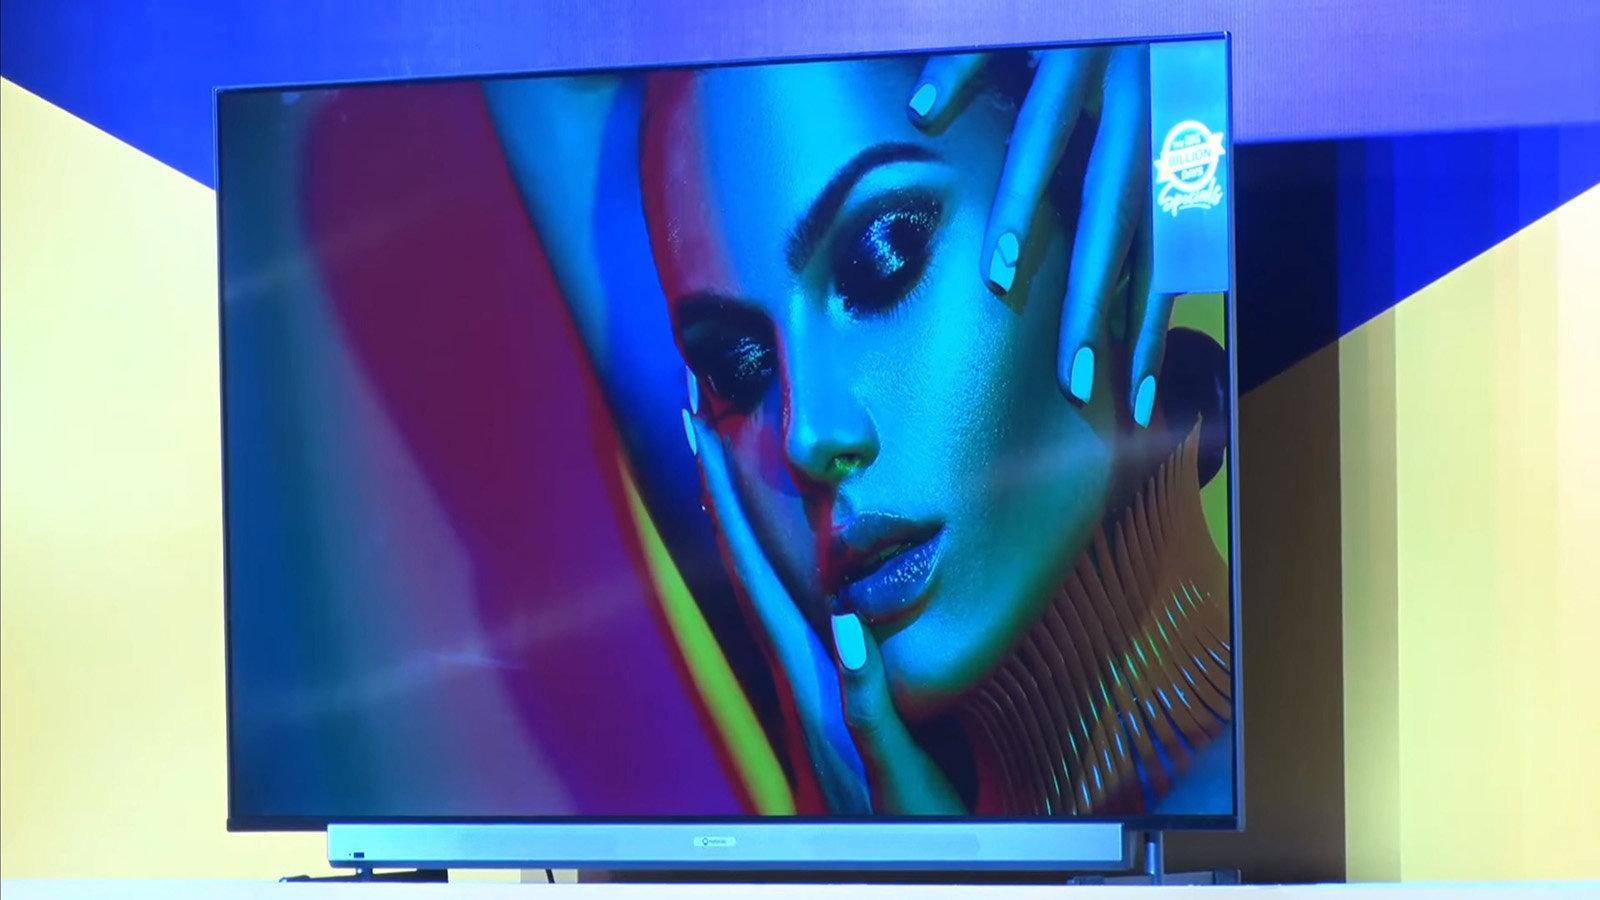 موتورولا نیز با ساخت Motorola TV به شرکتهای سازنده تلویزیونهای هوشمند ملحق میشود